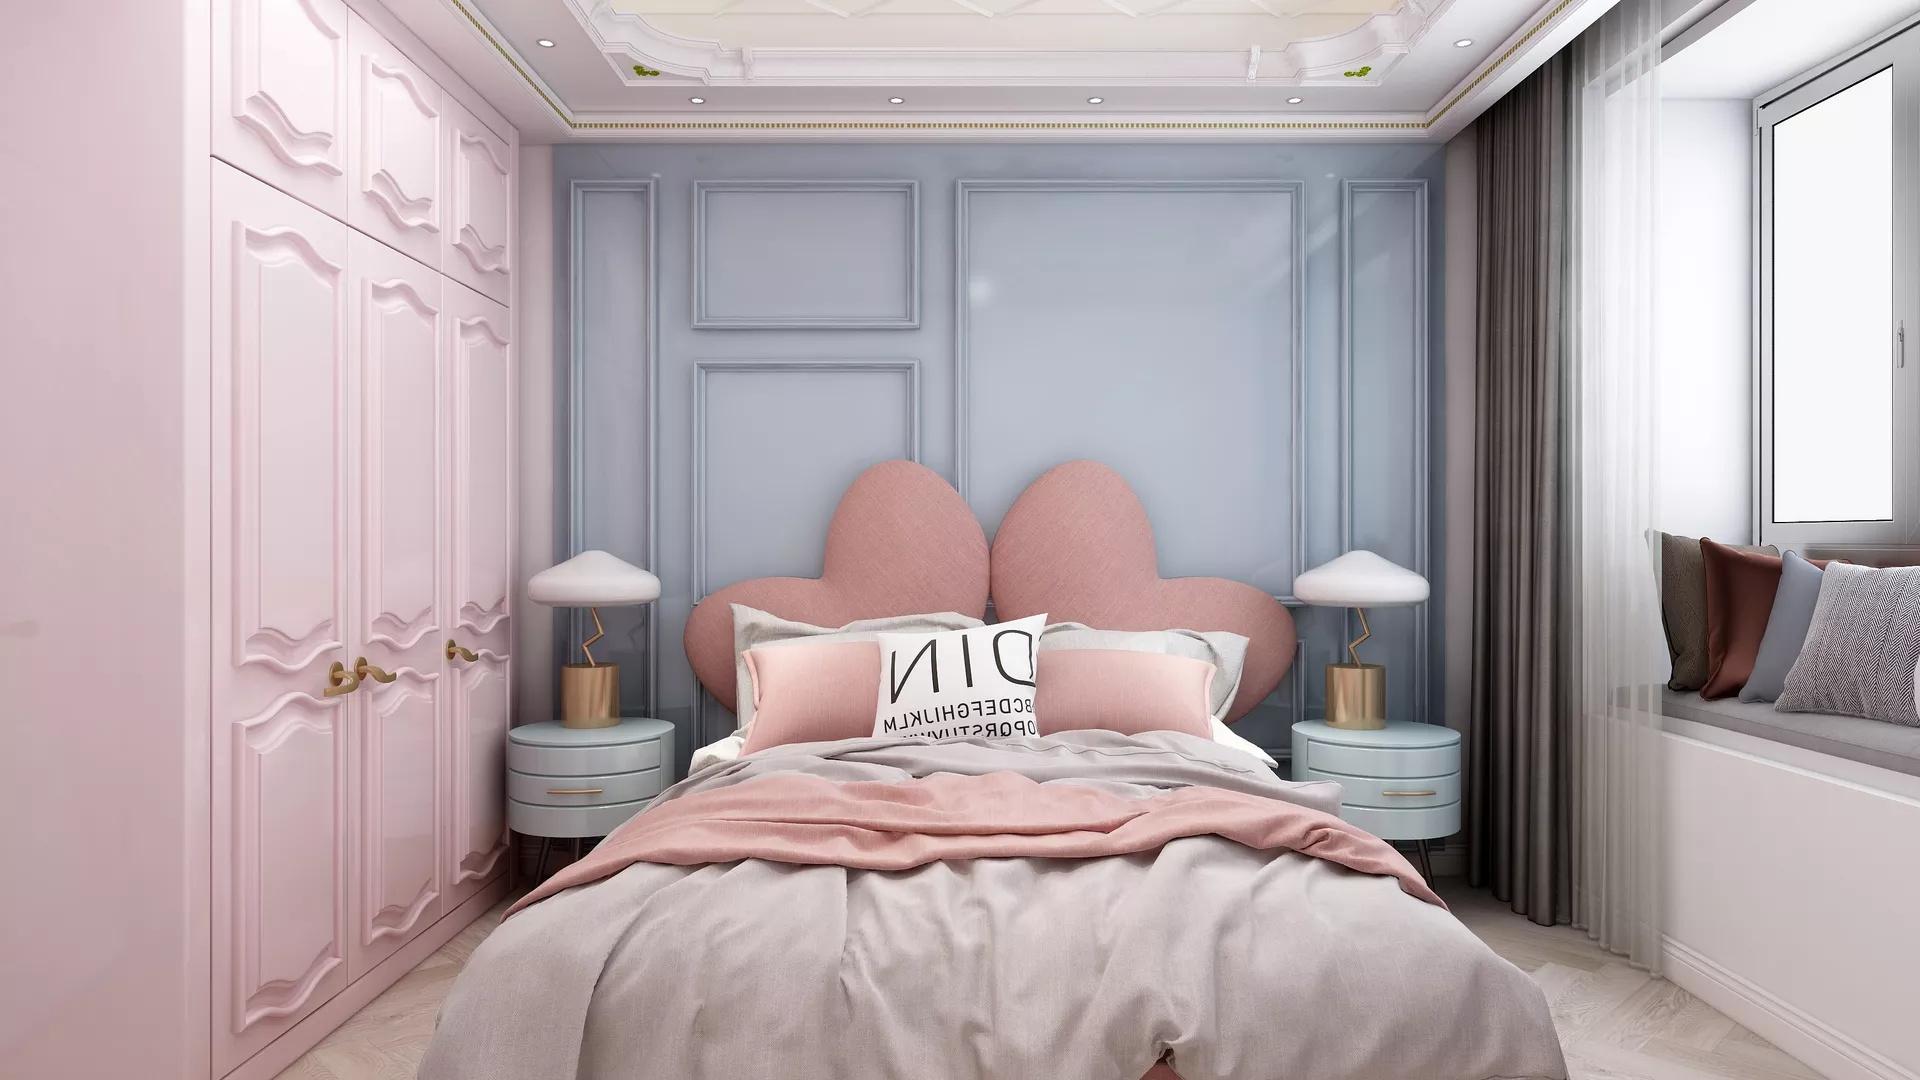 臥室設計裝修攻略 打造舒適臥室空間